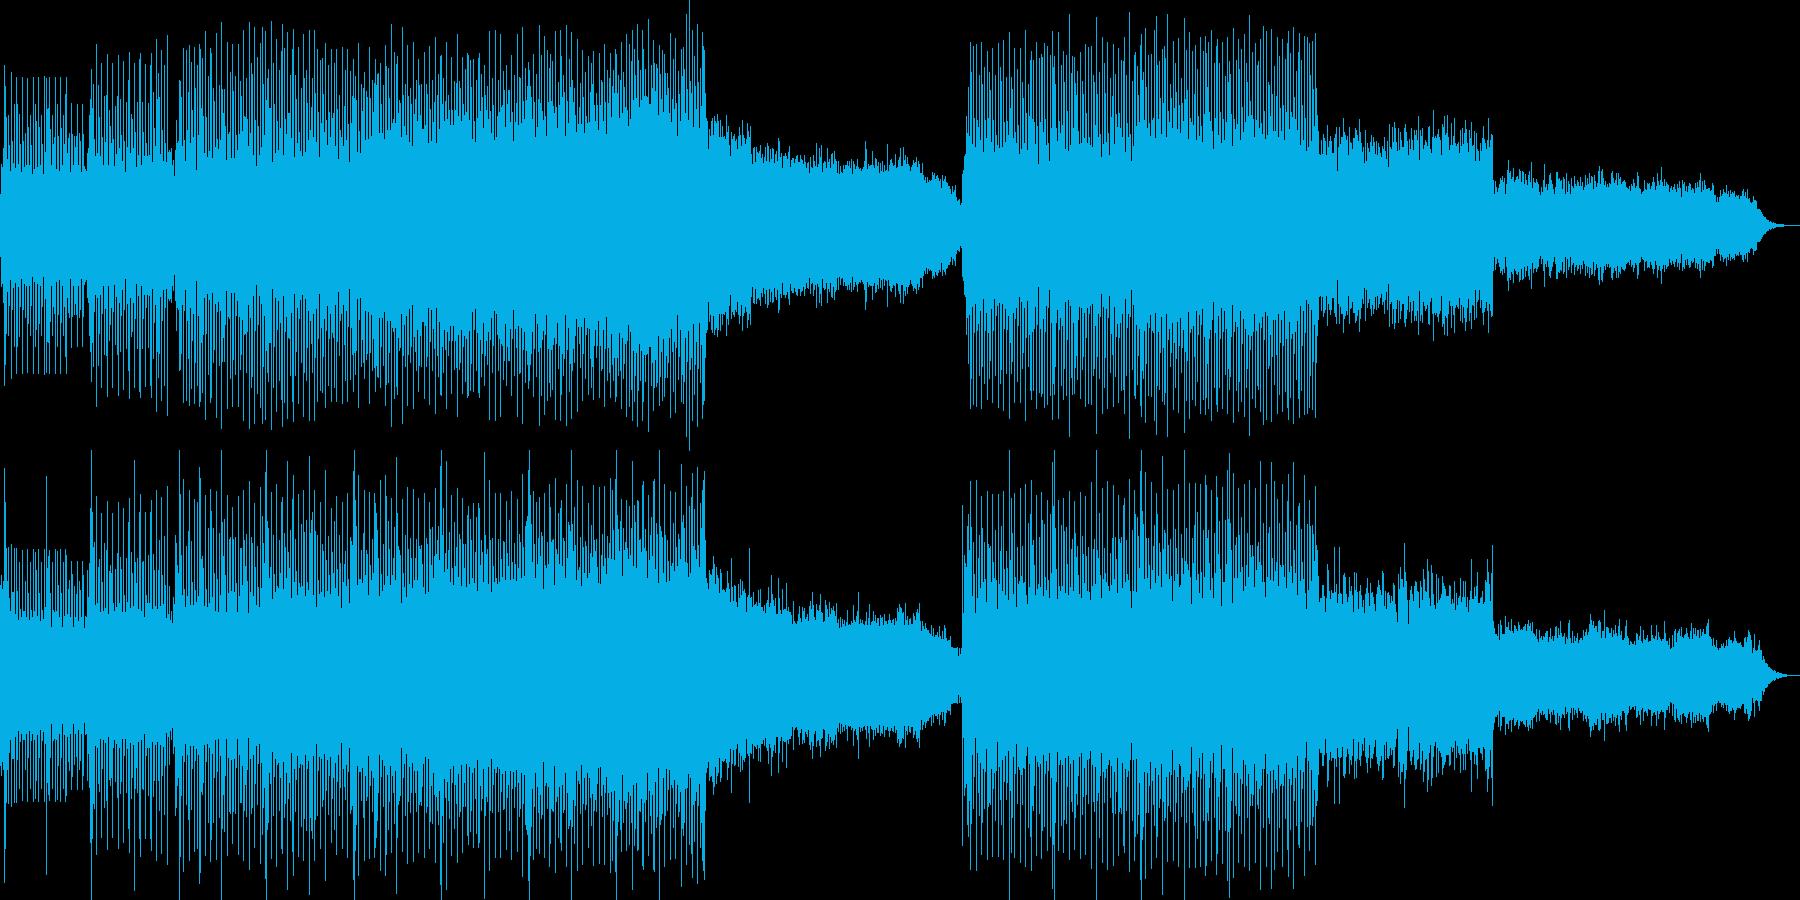 浮遊感漂うエレクトロニカの再生済みの波形